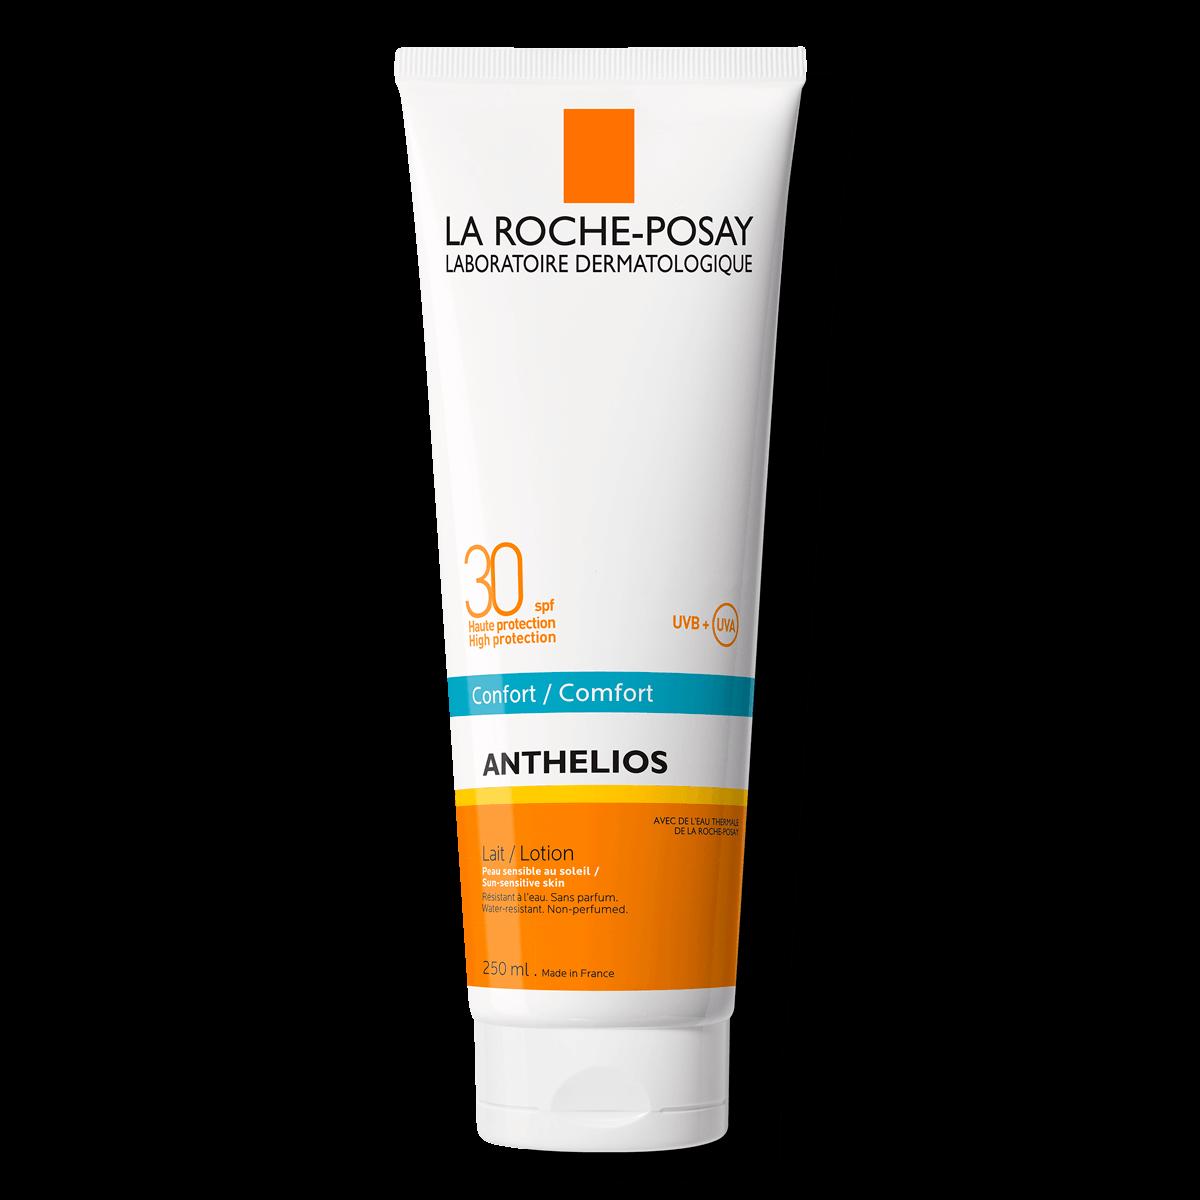 ANTHELIOS NIEWIDOCZNY BALSAM SPF 30 przód 250 ml | La Roche Posay